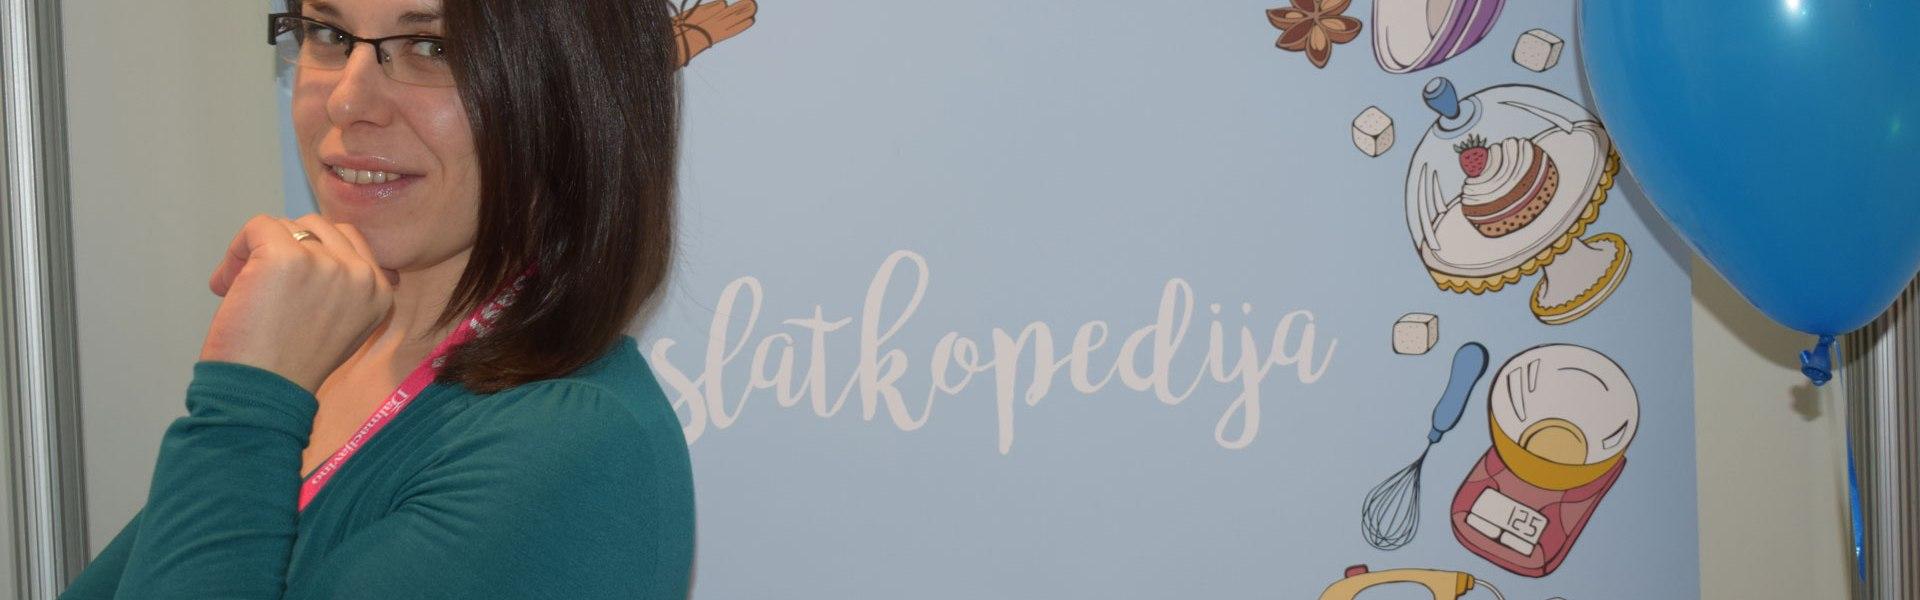 Slatkopedija – najslađi hrvatski portal krije divnu sestrinsku priču